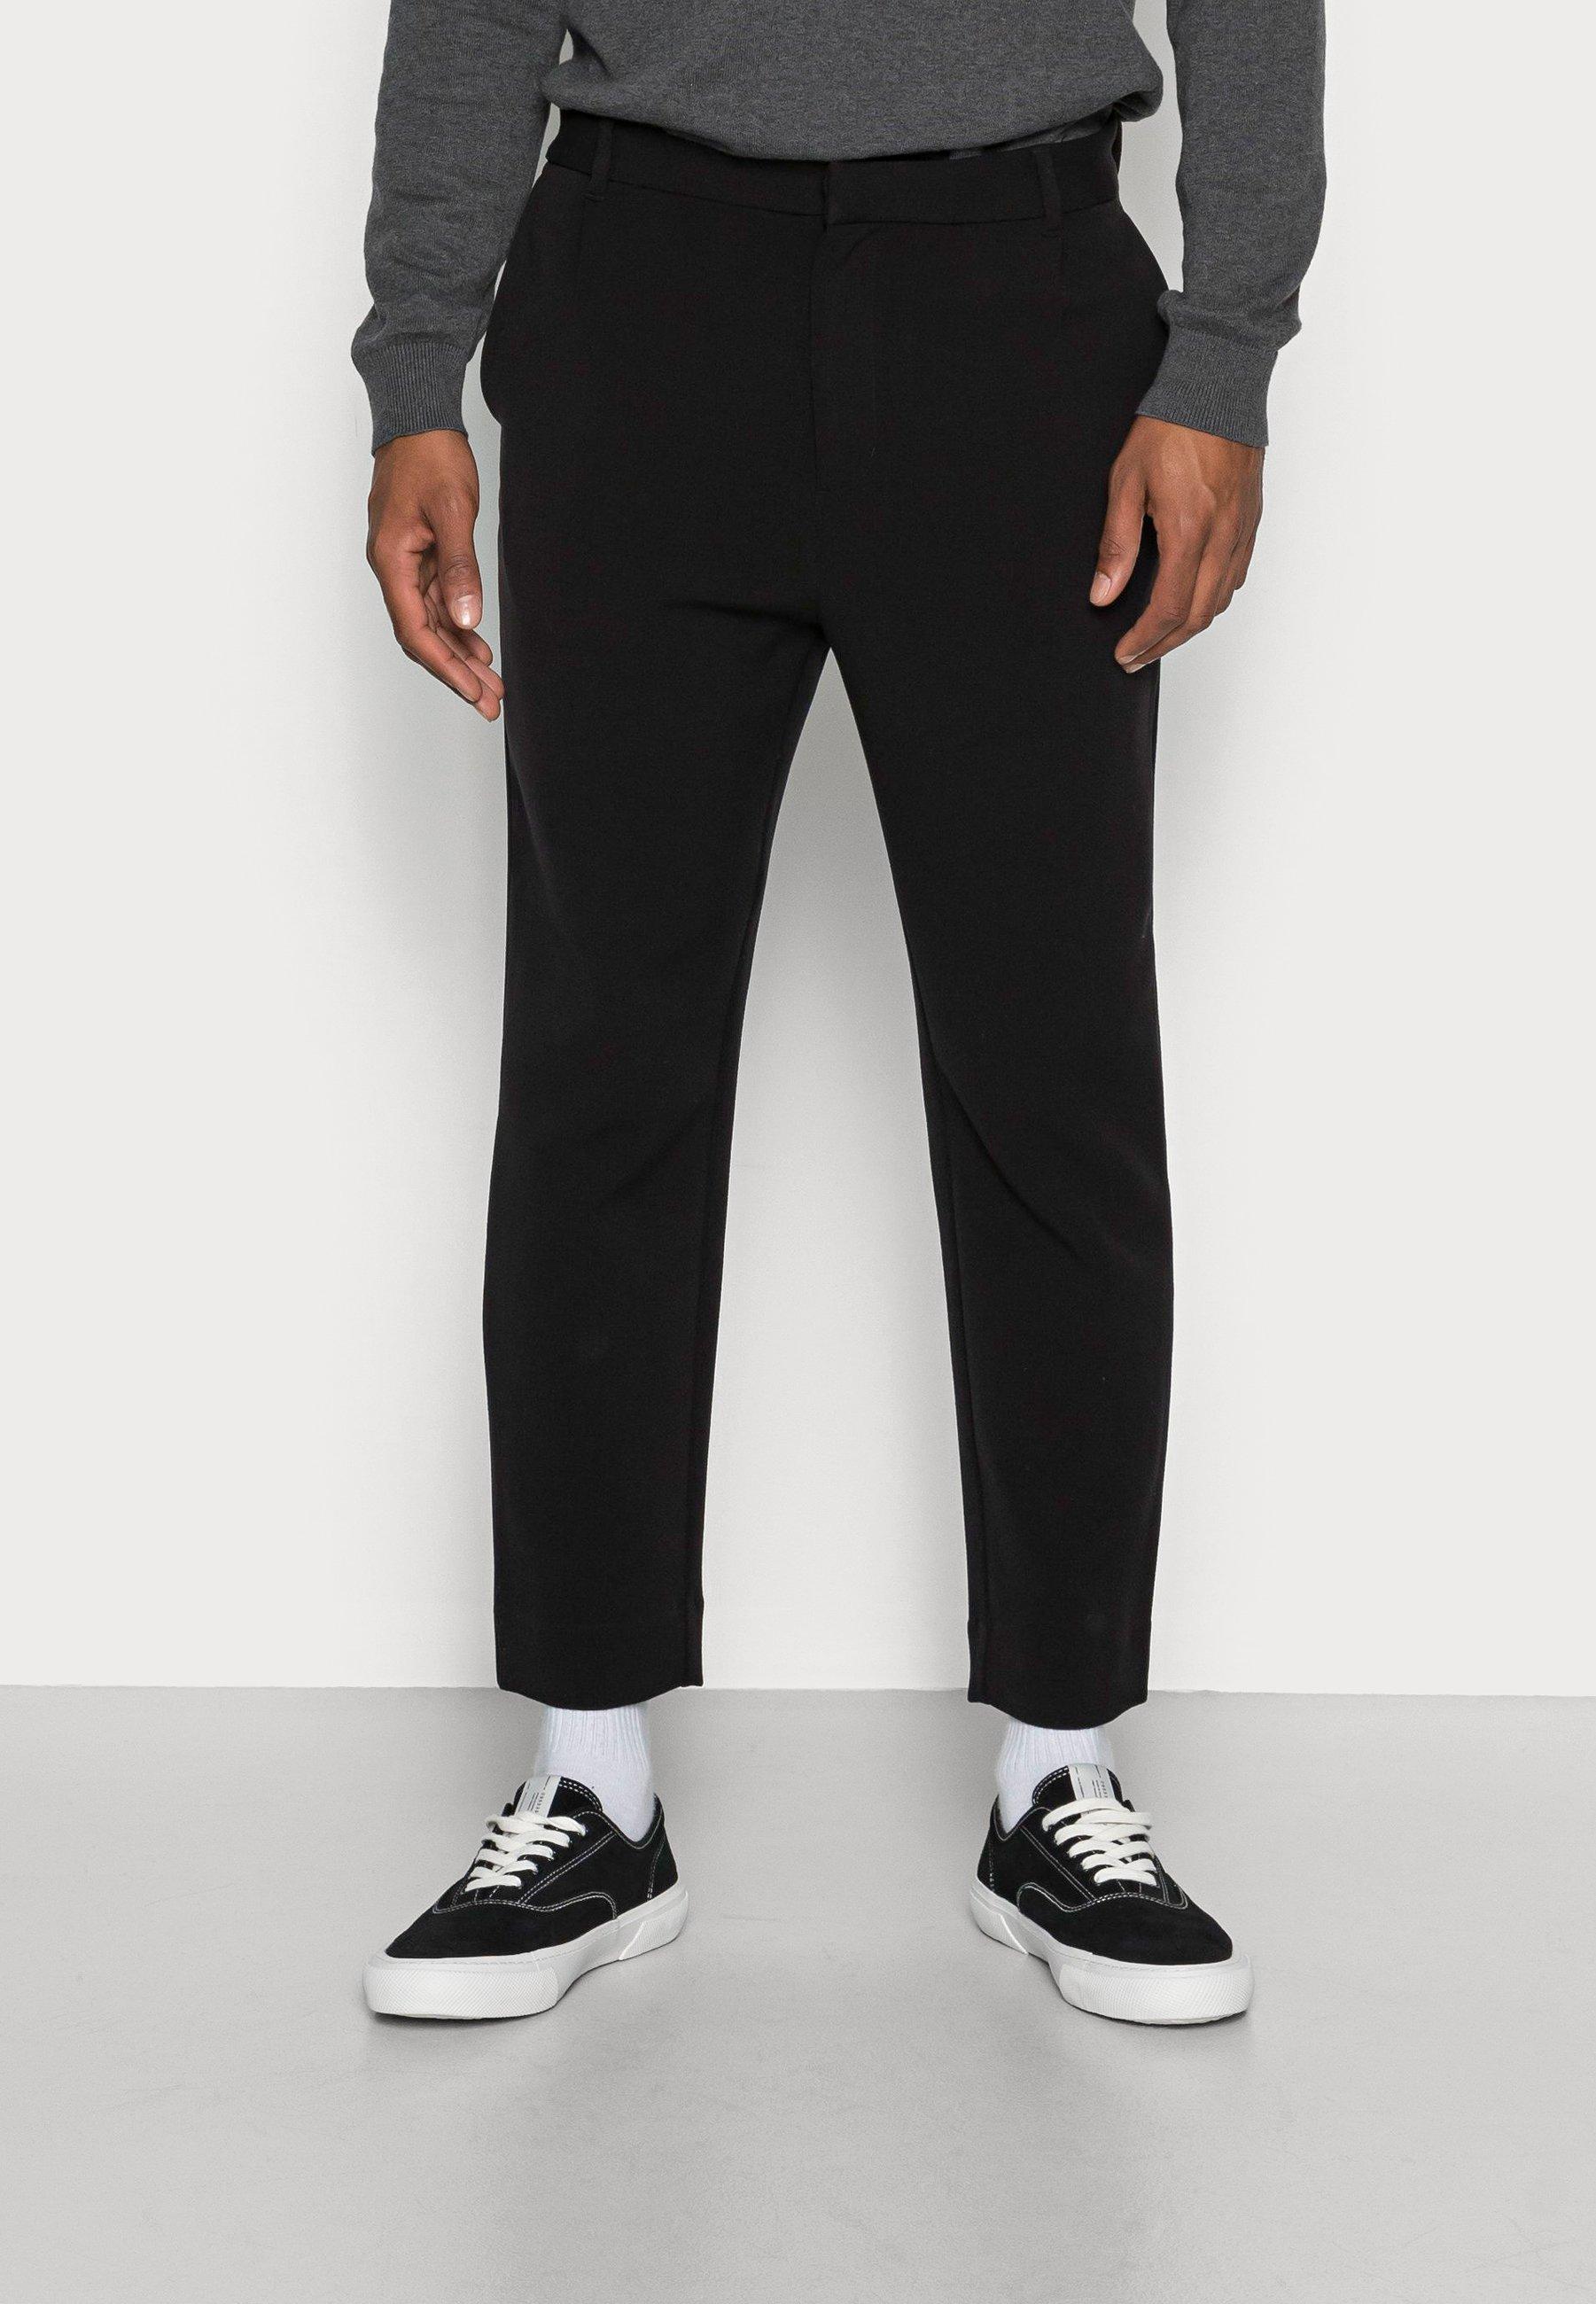 Homme MARD TROUSERS - Pantalon classique